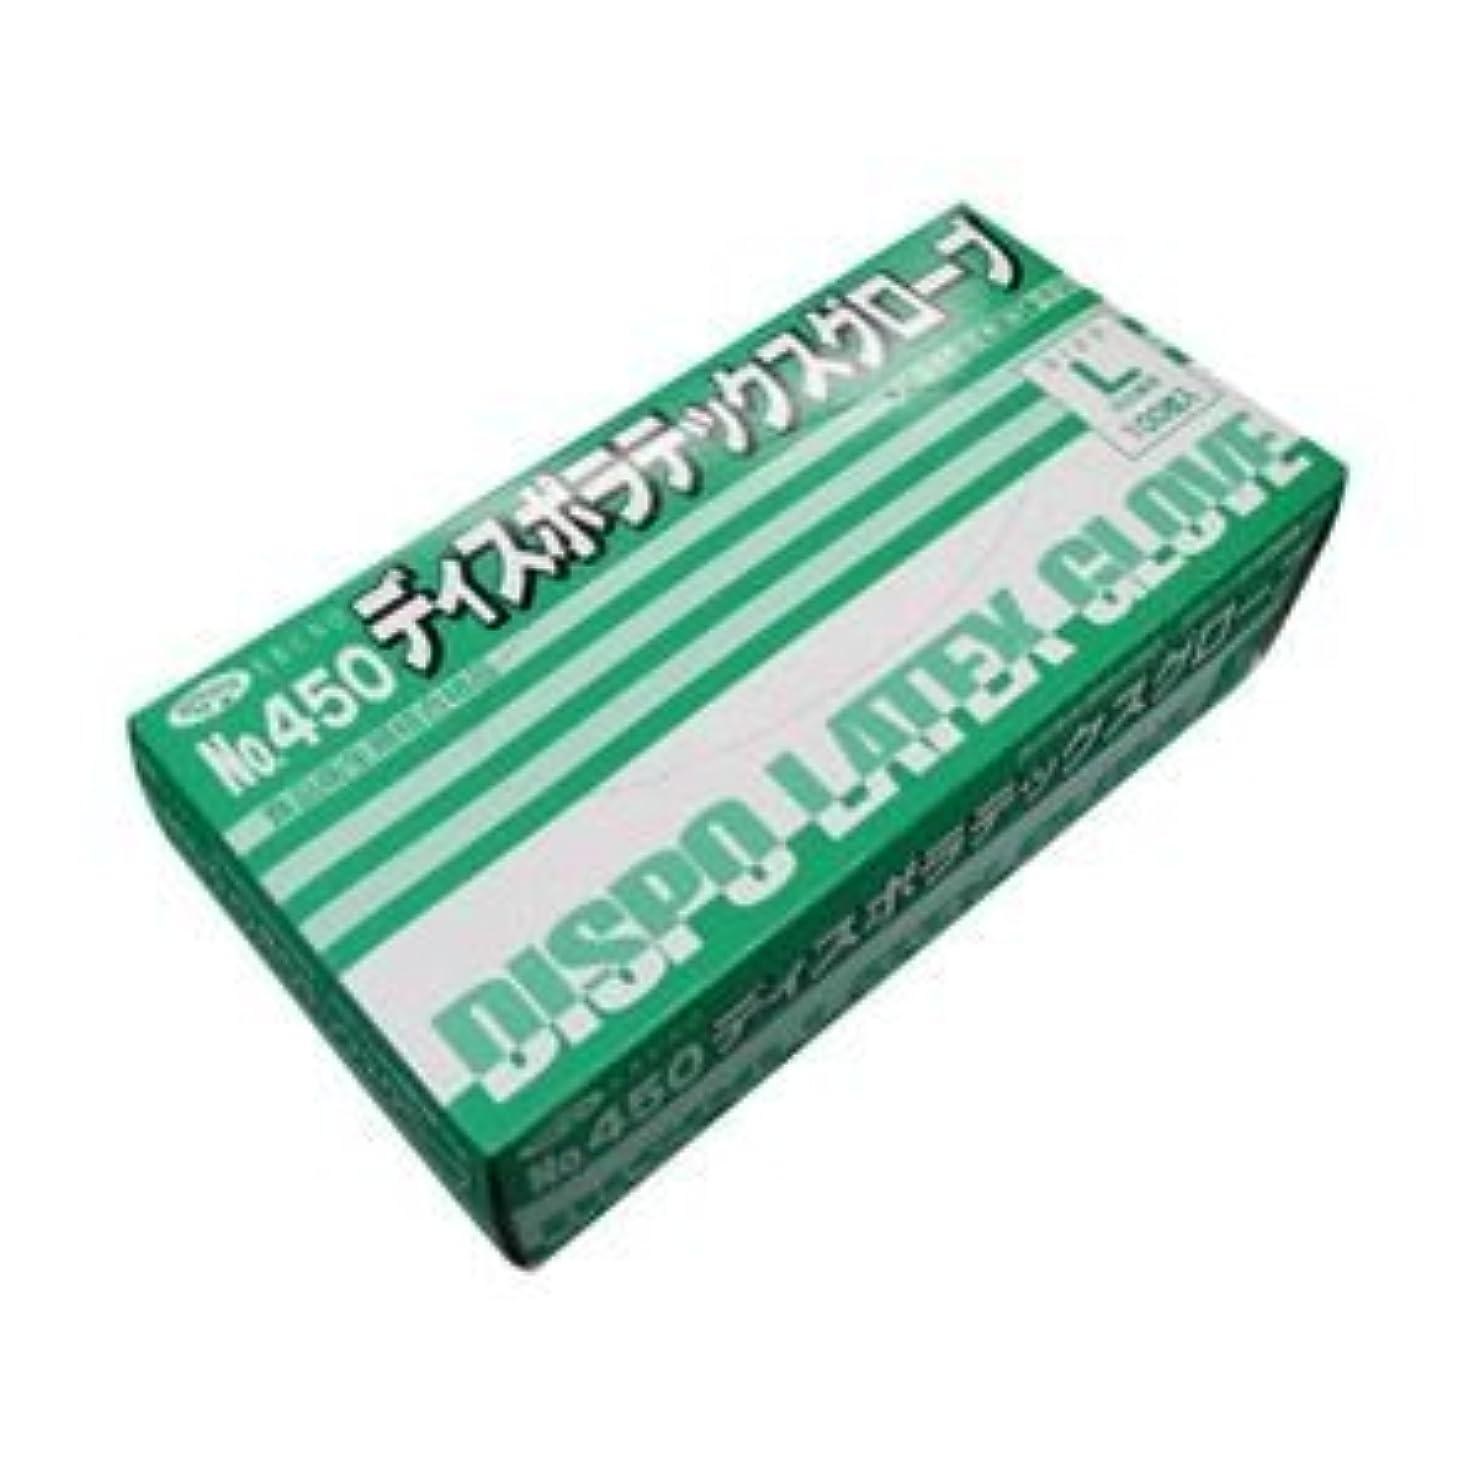 通訳到着する通訳エブノ No.450 ディスポラテックスグローブ 粉つき Lサイズ 1箱100枚